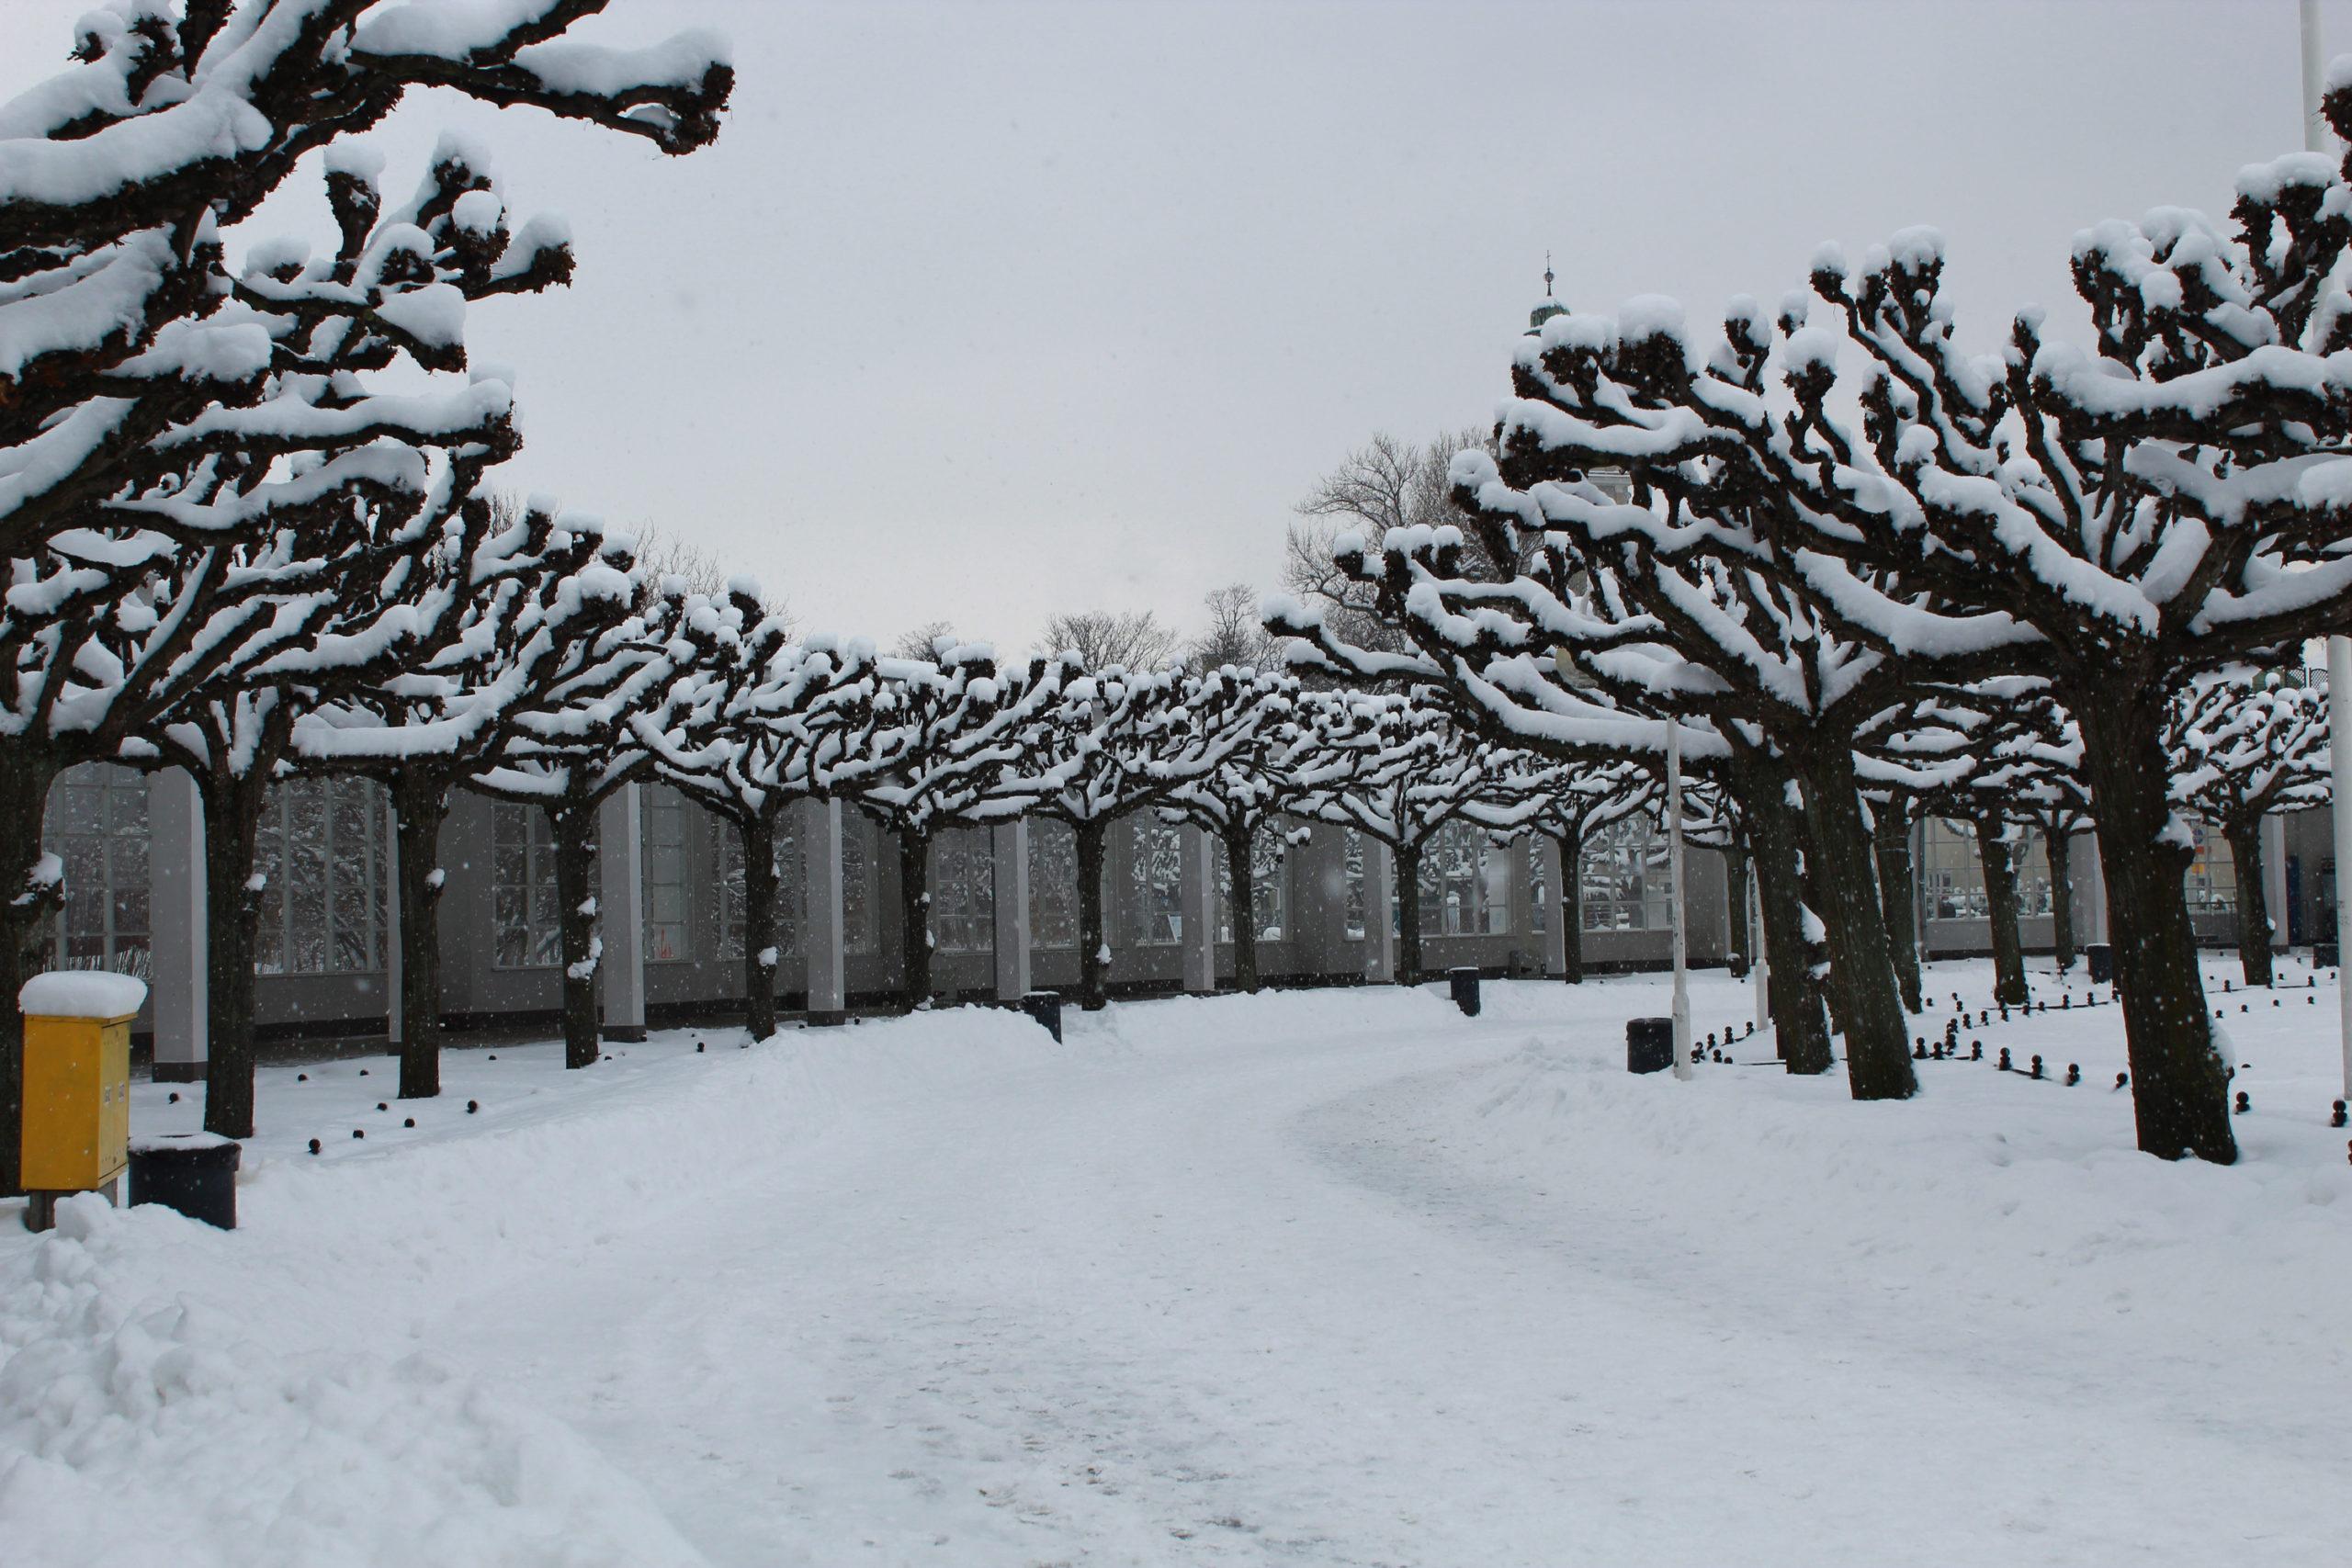 aleja drzew pokrytych śniegiem